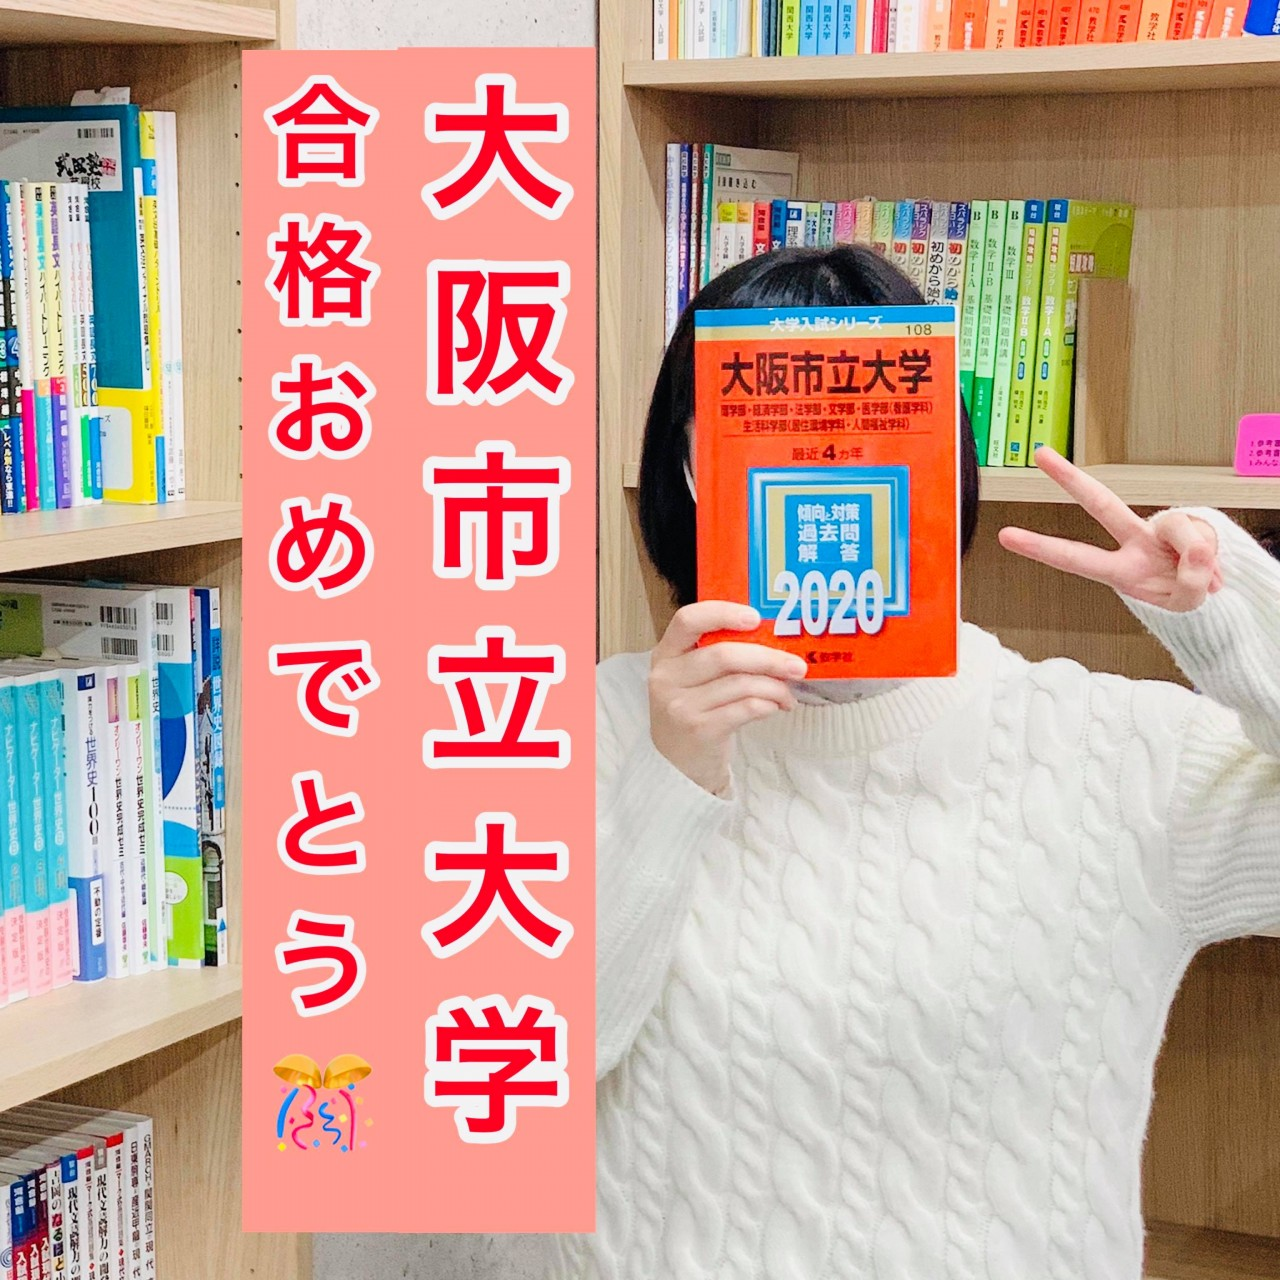 大阪市立大学 生活科学部